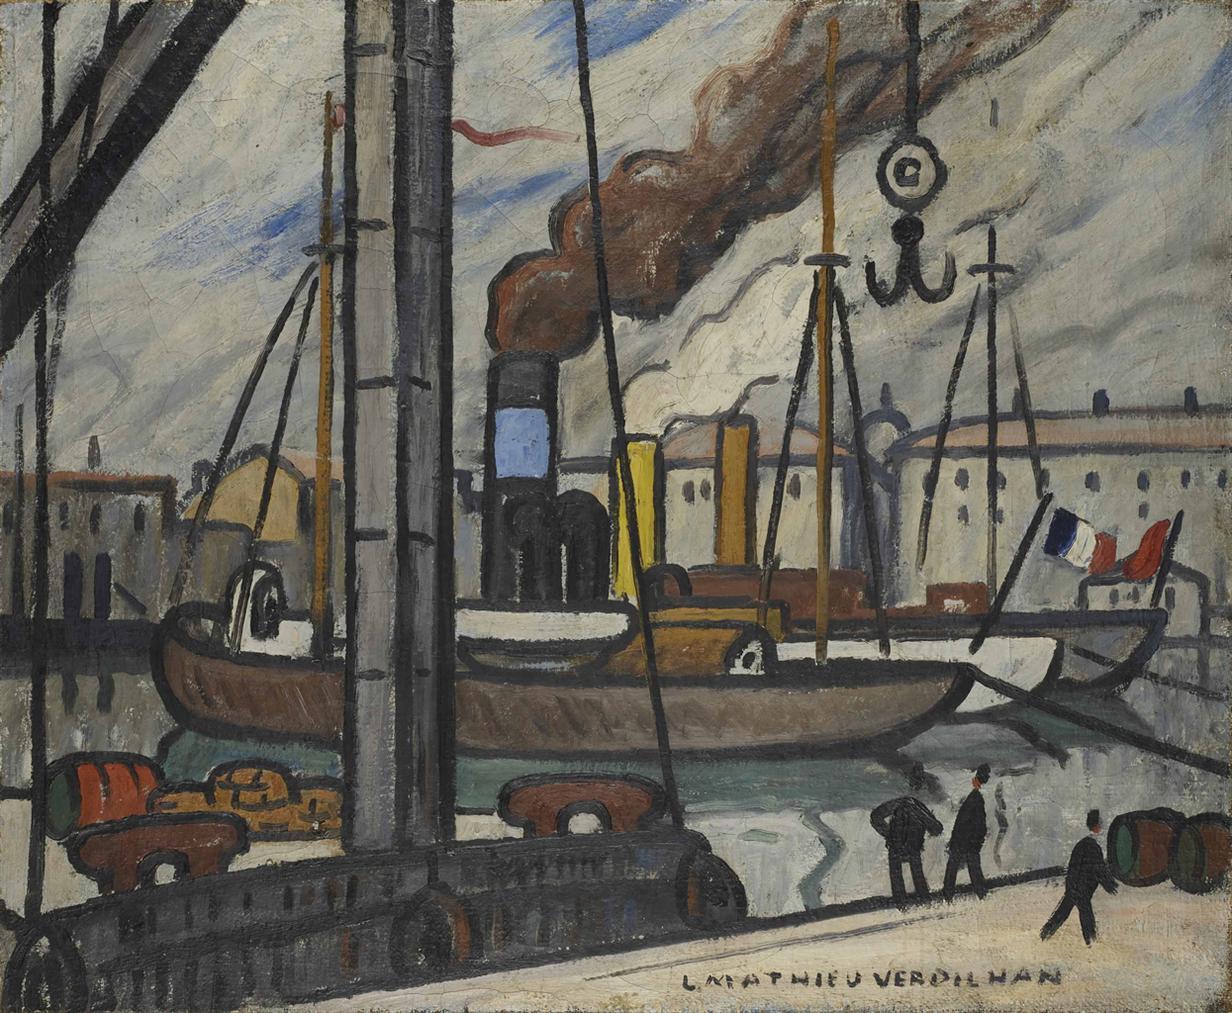 Louis-Mathieu Verdilhan-Vue Du Port De Marseille-1922